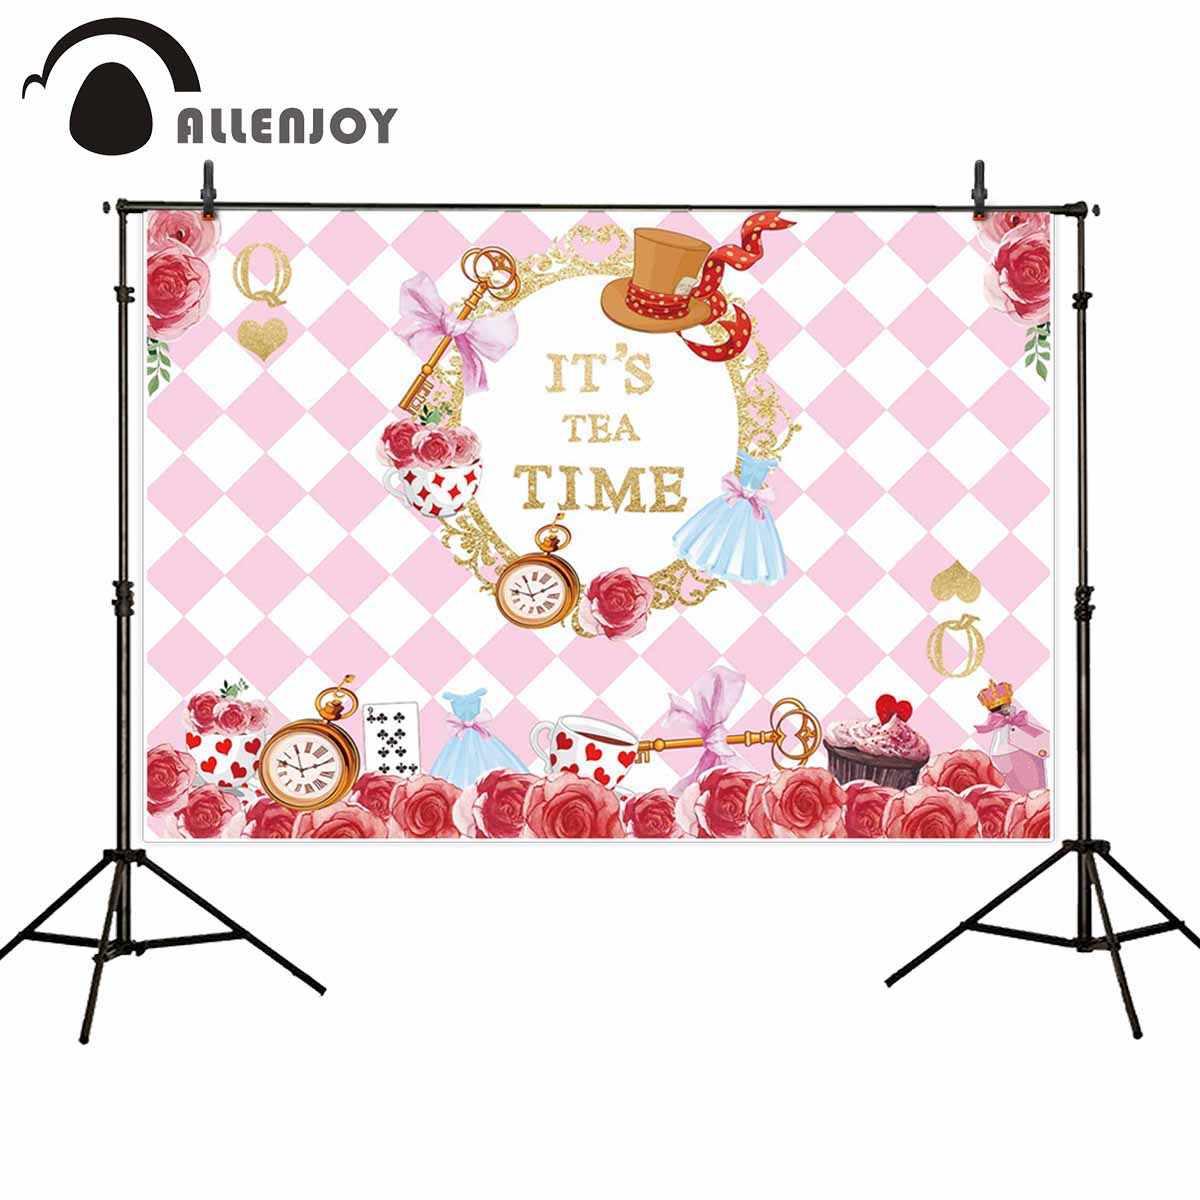 Allenjoy/вечерние часы с розовыми розами и розовыми бриллиантами в золотой оправе для покера, карманные часы принцессы, модные фотофоны для фотосессии